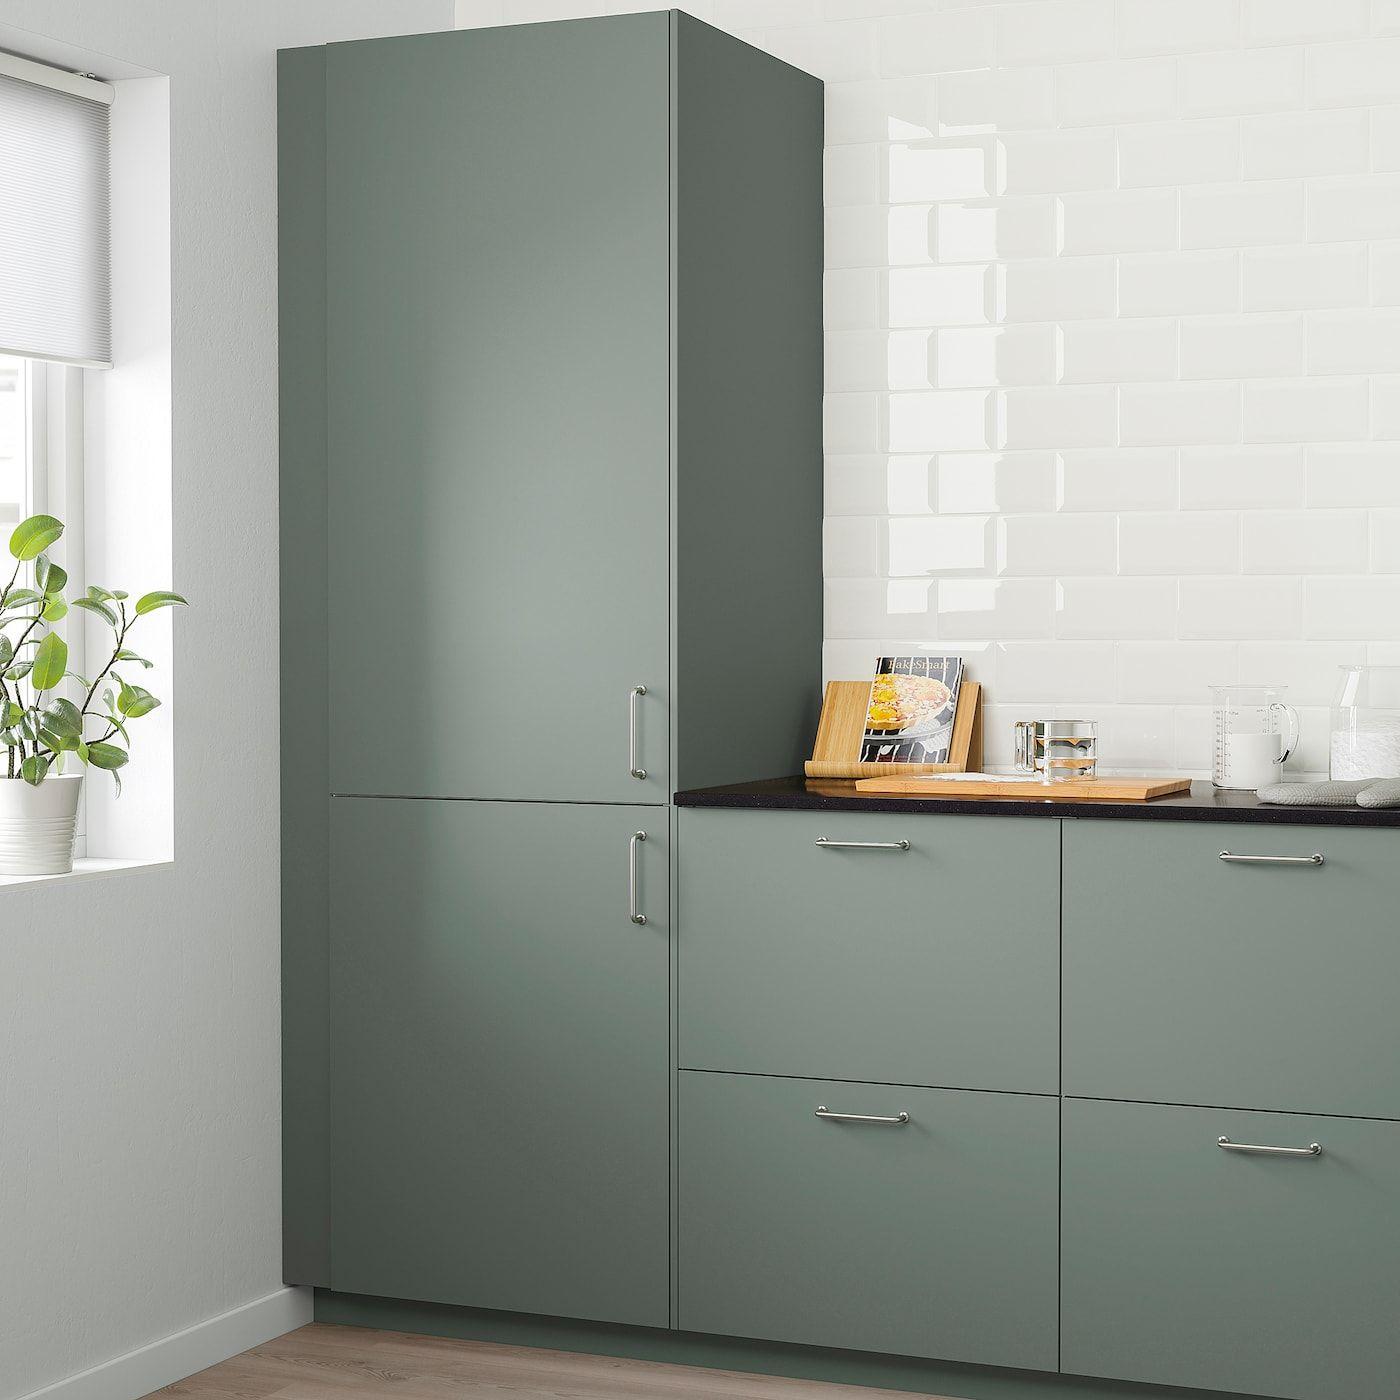 Full Size of Ikea Sofa Mit Schlaffunktion Miniküche Küche Kosten Modulküche Kaufen Betten Bei 160x200 Wohnzimmer Küchenrückwand Ikea